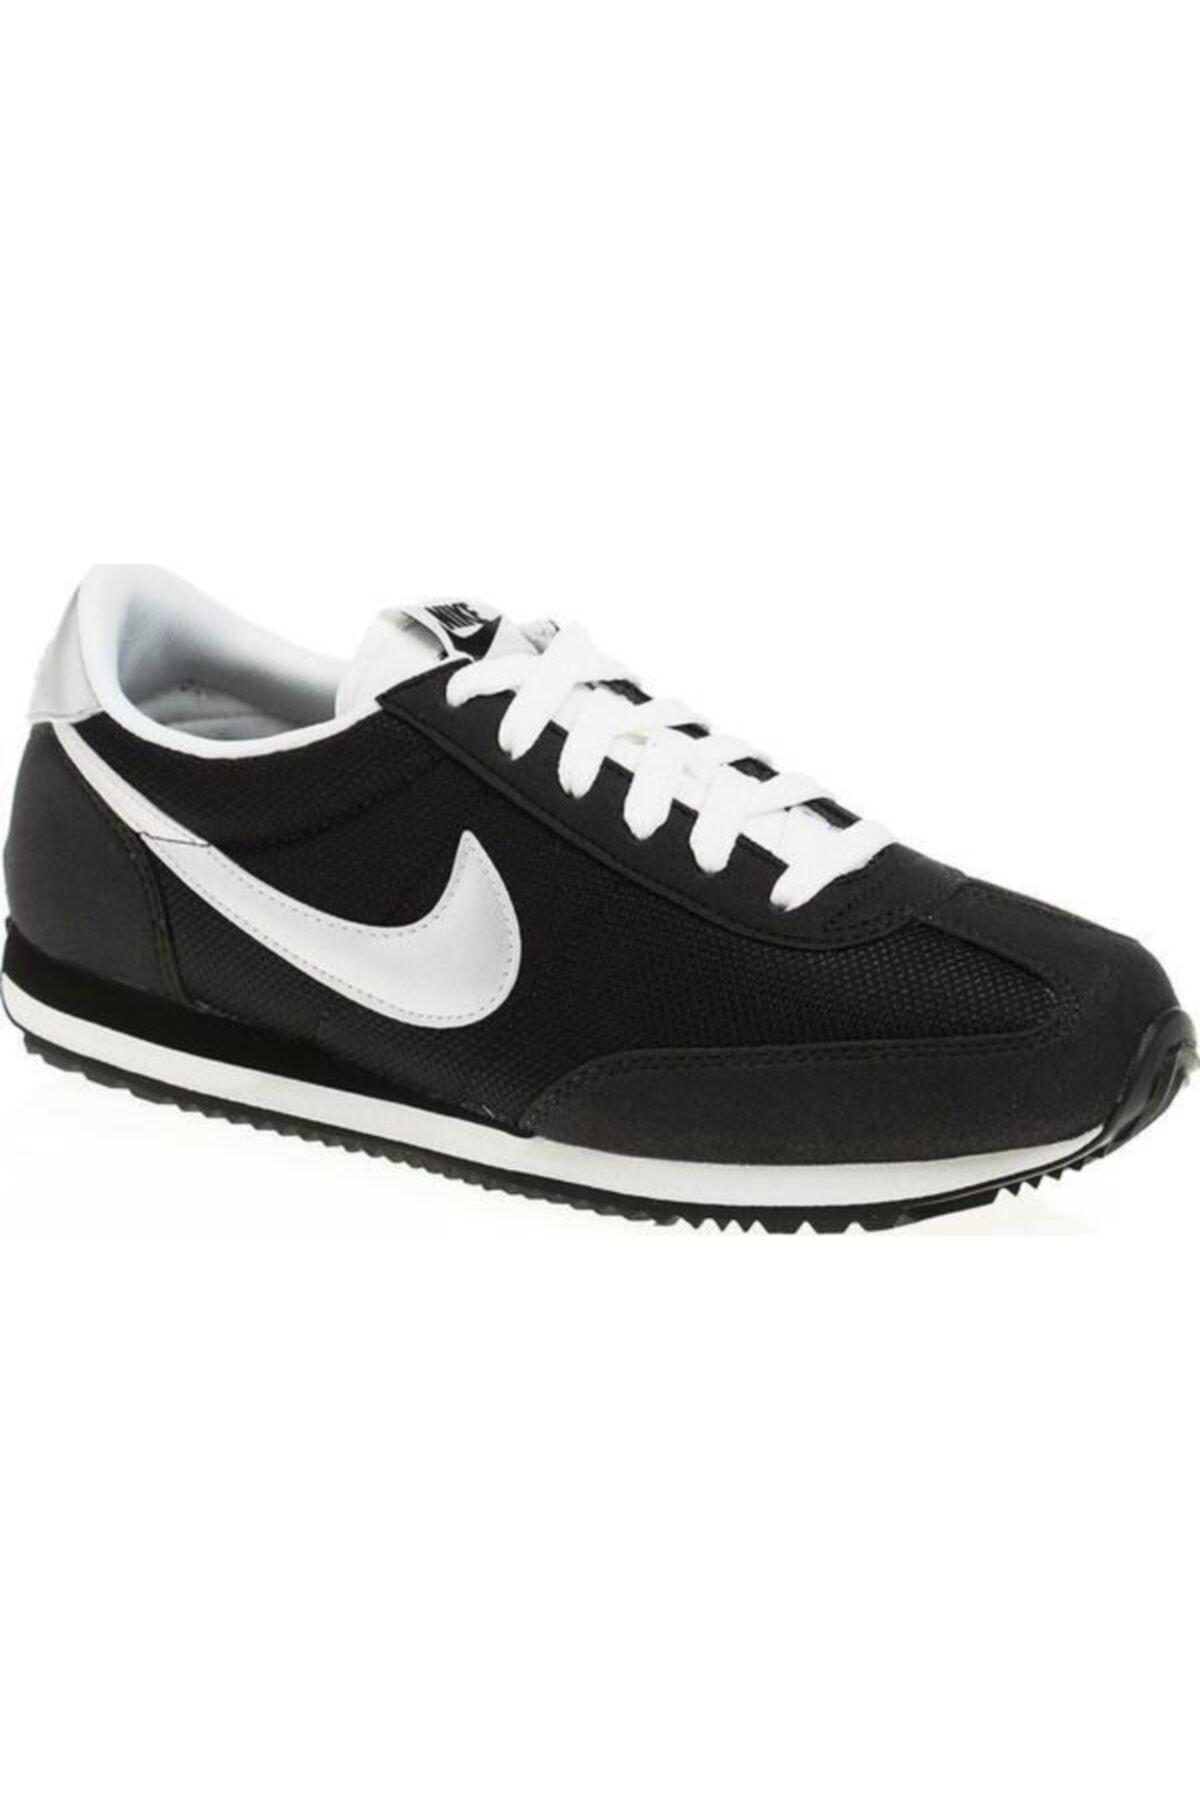 Nike Kadın Sneaker 511880-091 1